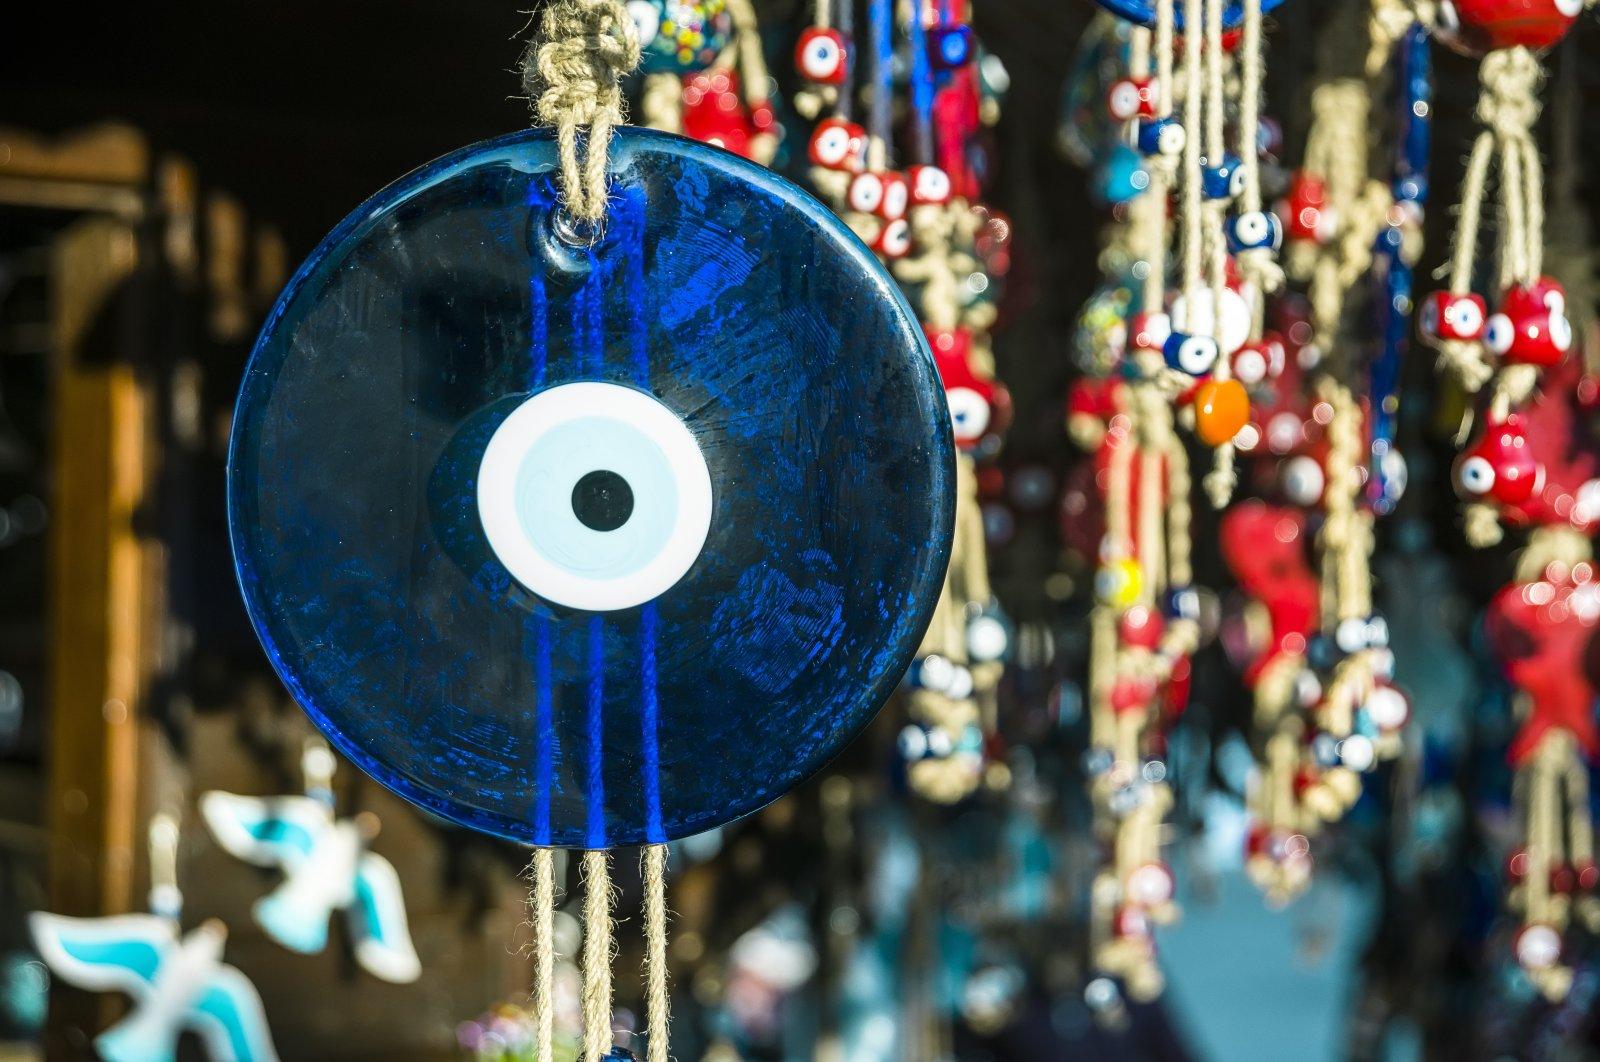 A popular evil eye talisman in Turkey. (Shutterstock Photo)